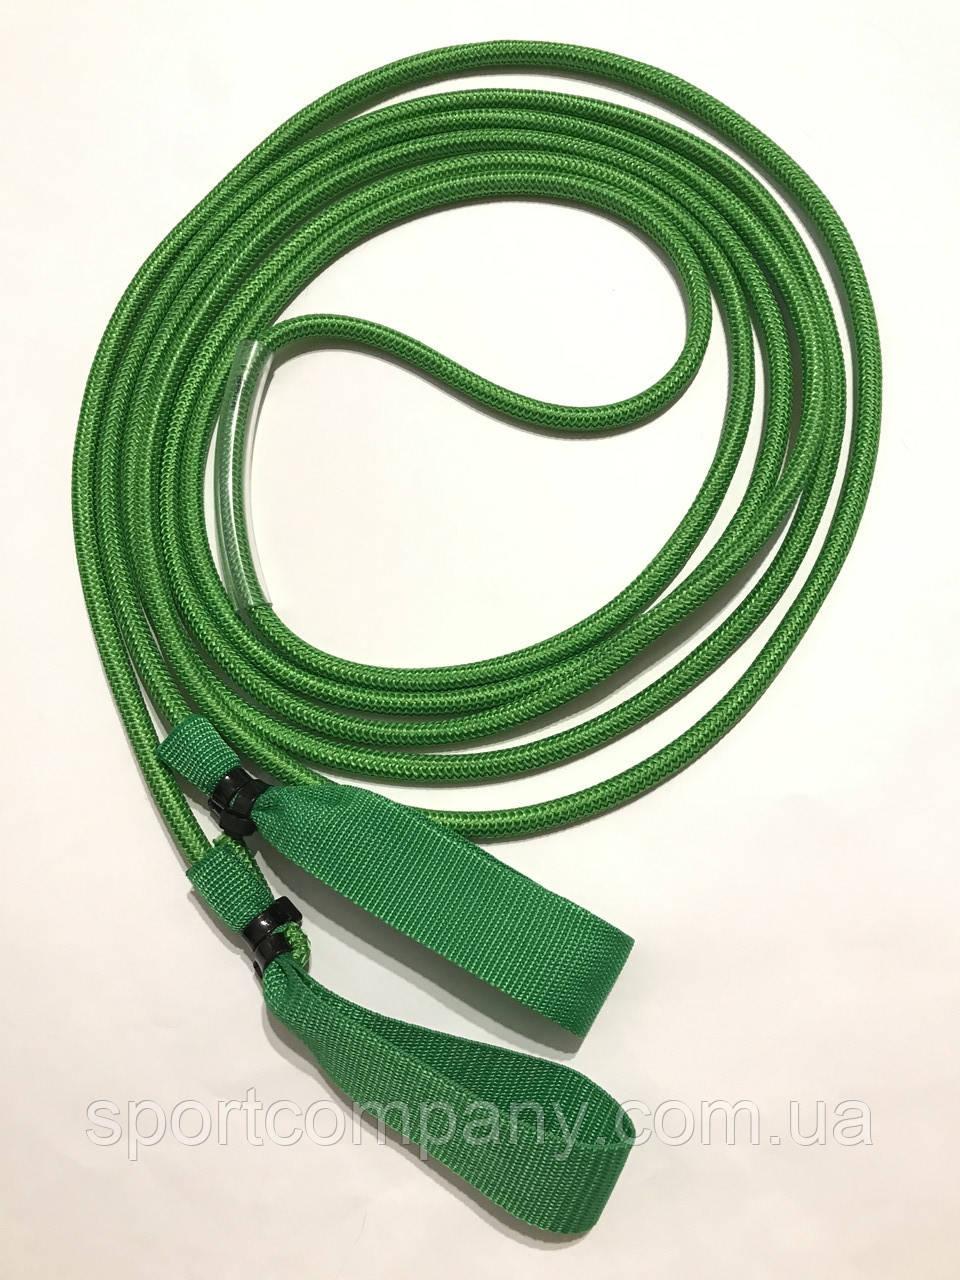 Эспандер для лыжника, боксера, пловца и фитнеса с ручками 10 мм, зеленый, 8 метров